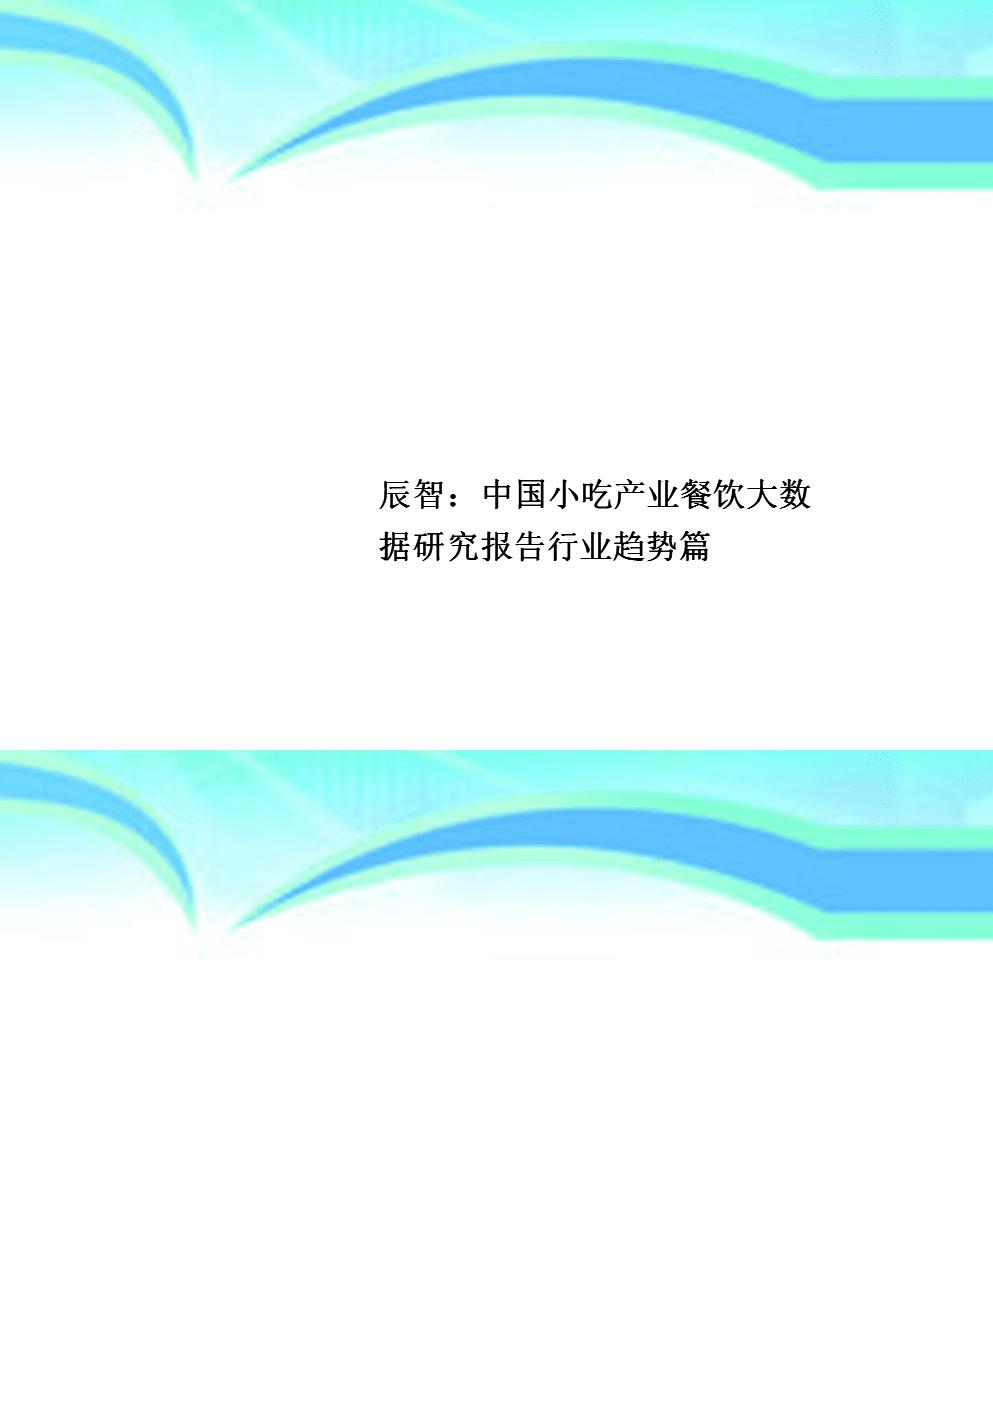 辰智:中国小吃产业餐饮大数据研究报告行业趋势篇.docx